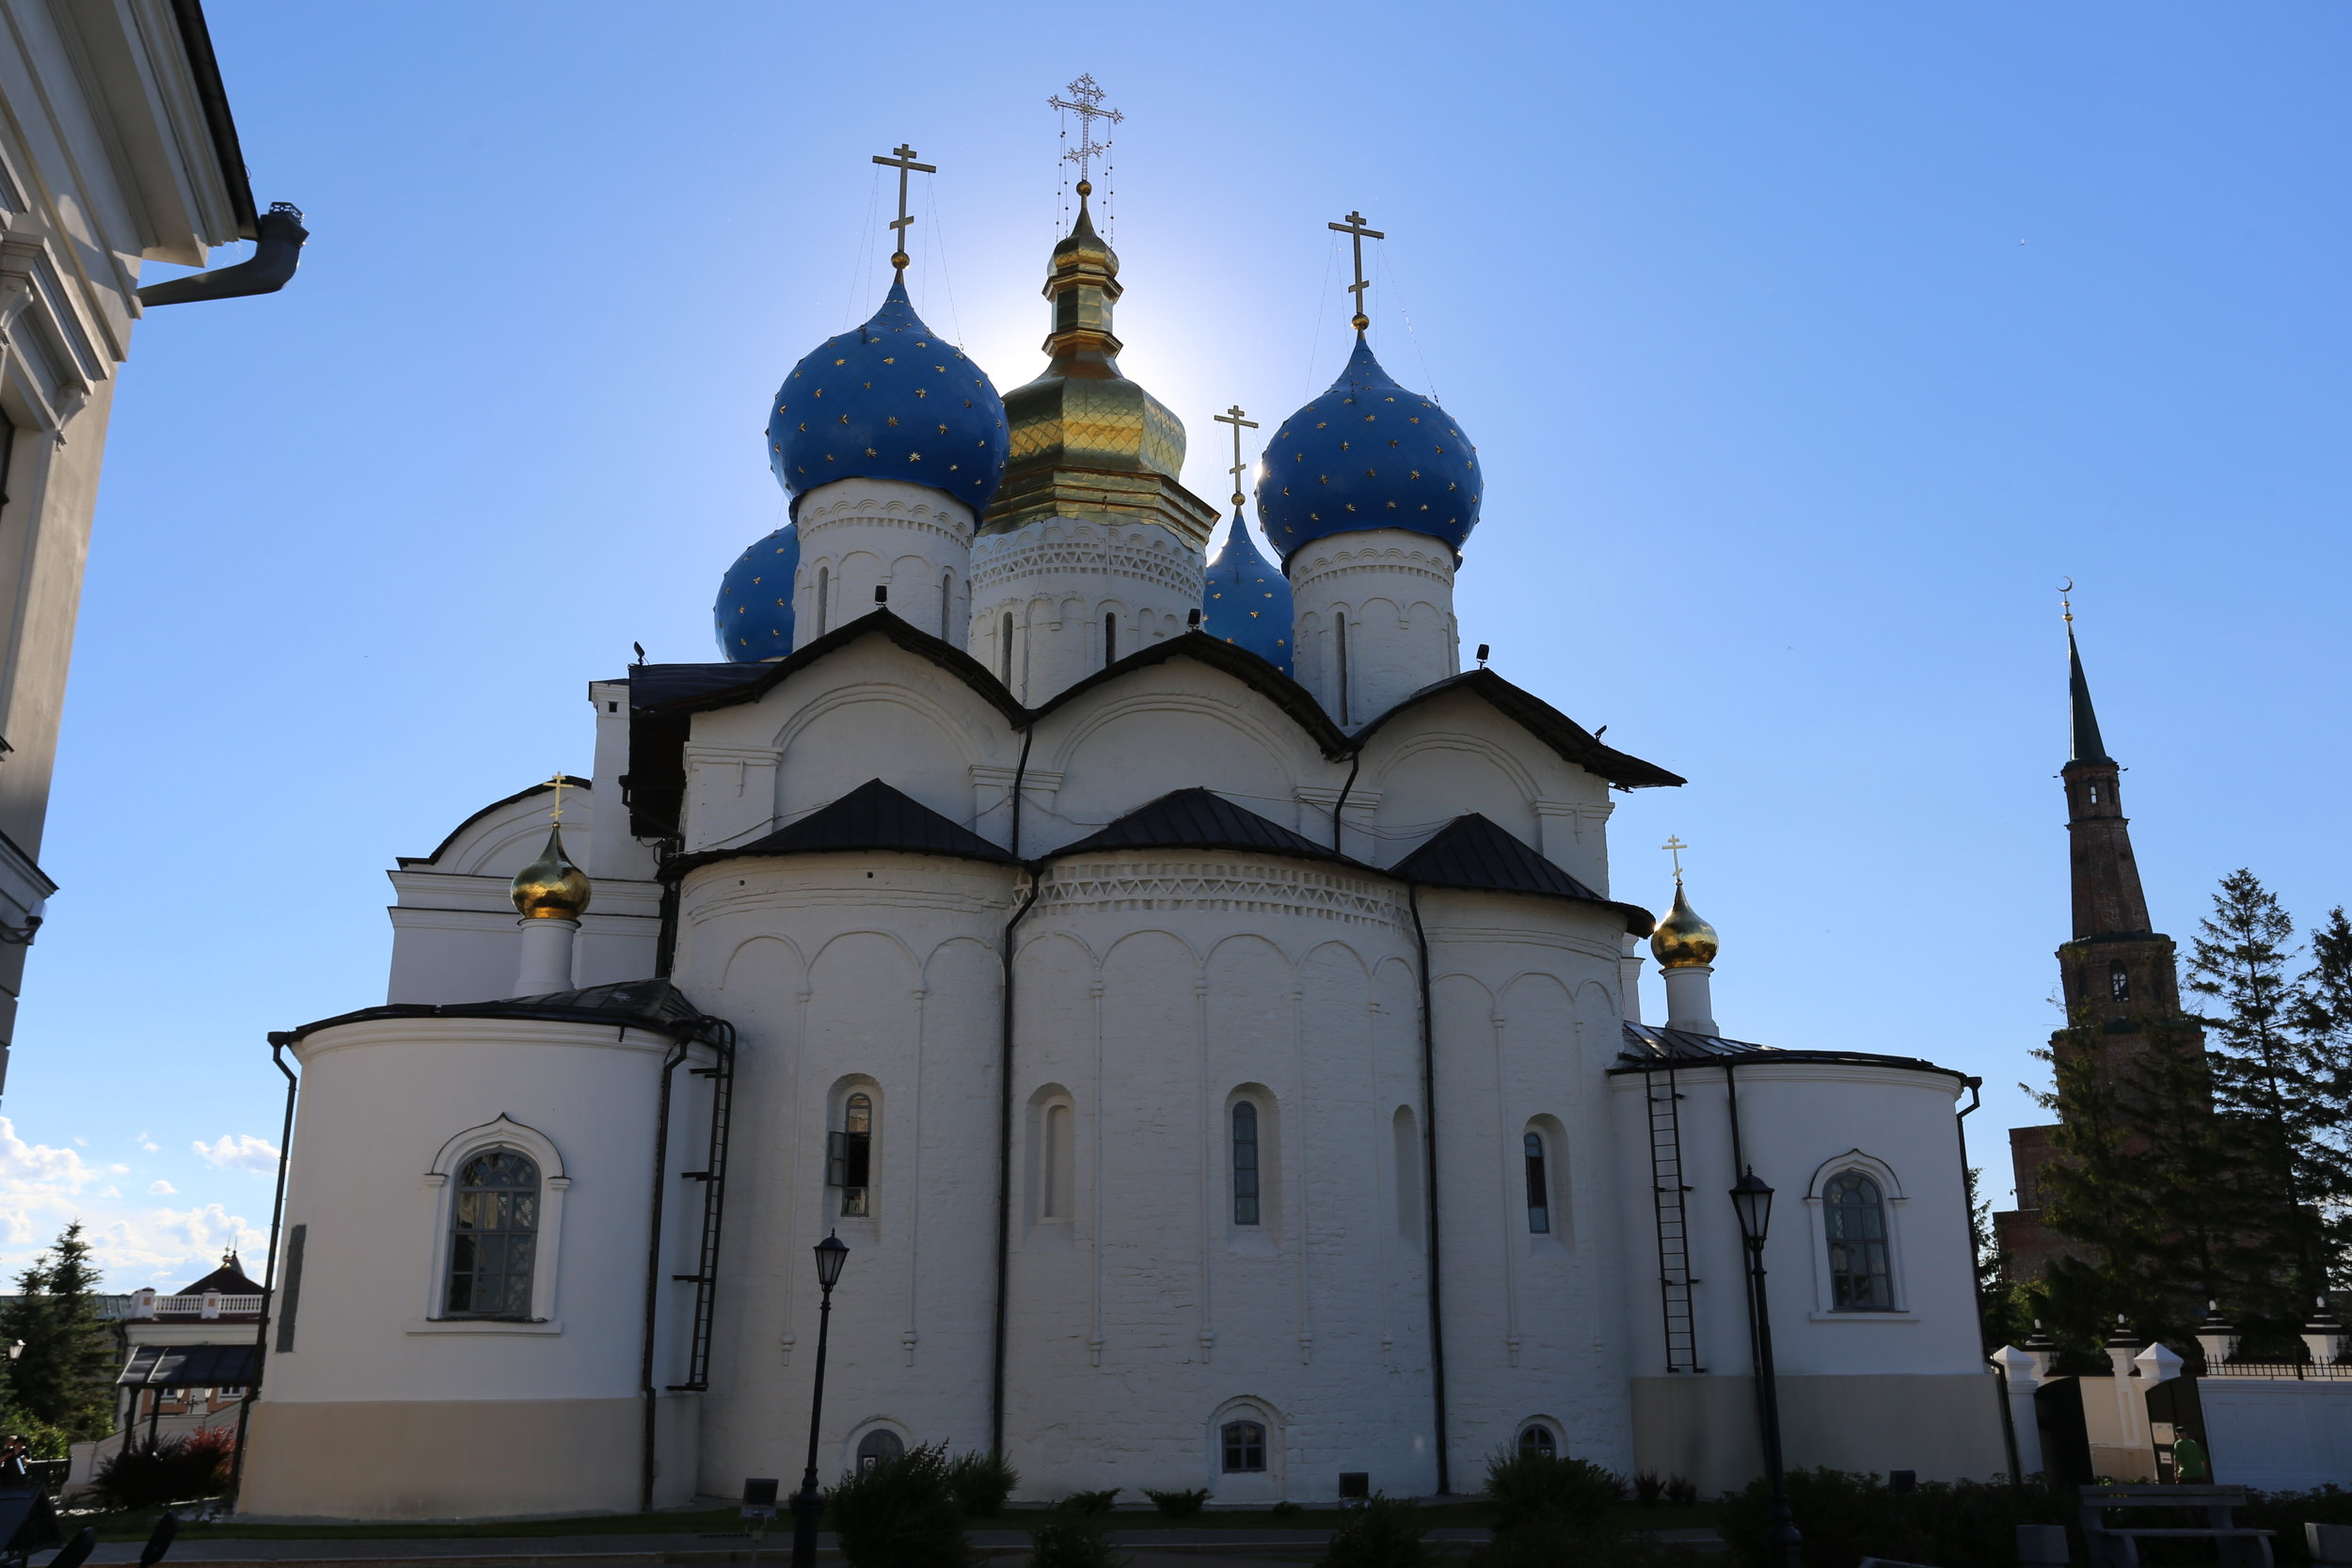 مسجد تقرر تحويله إلى كنسية بعد غزو الروس